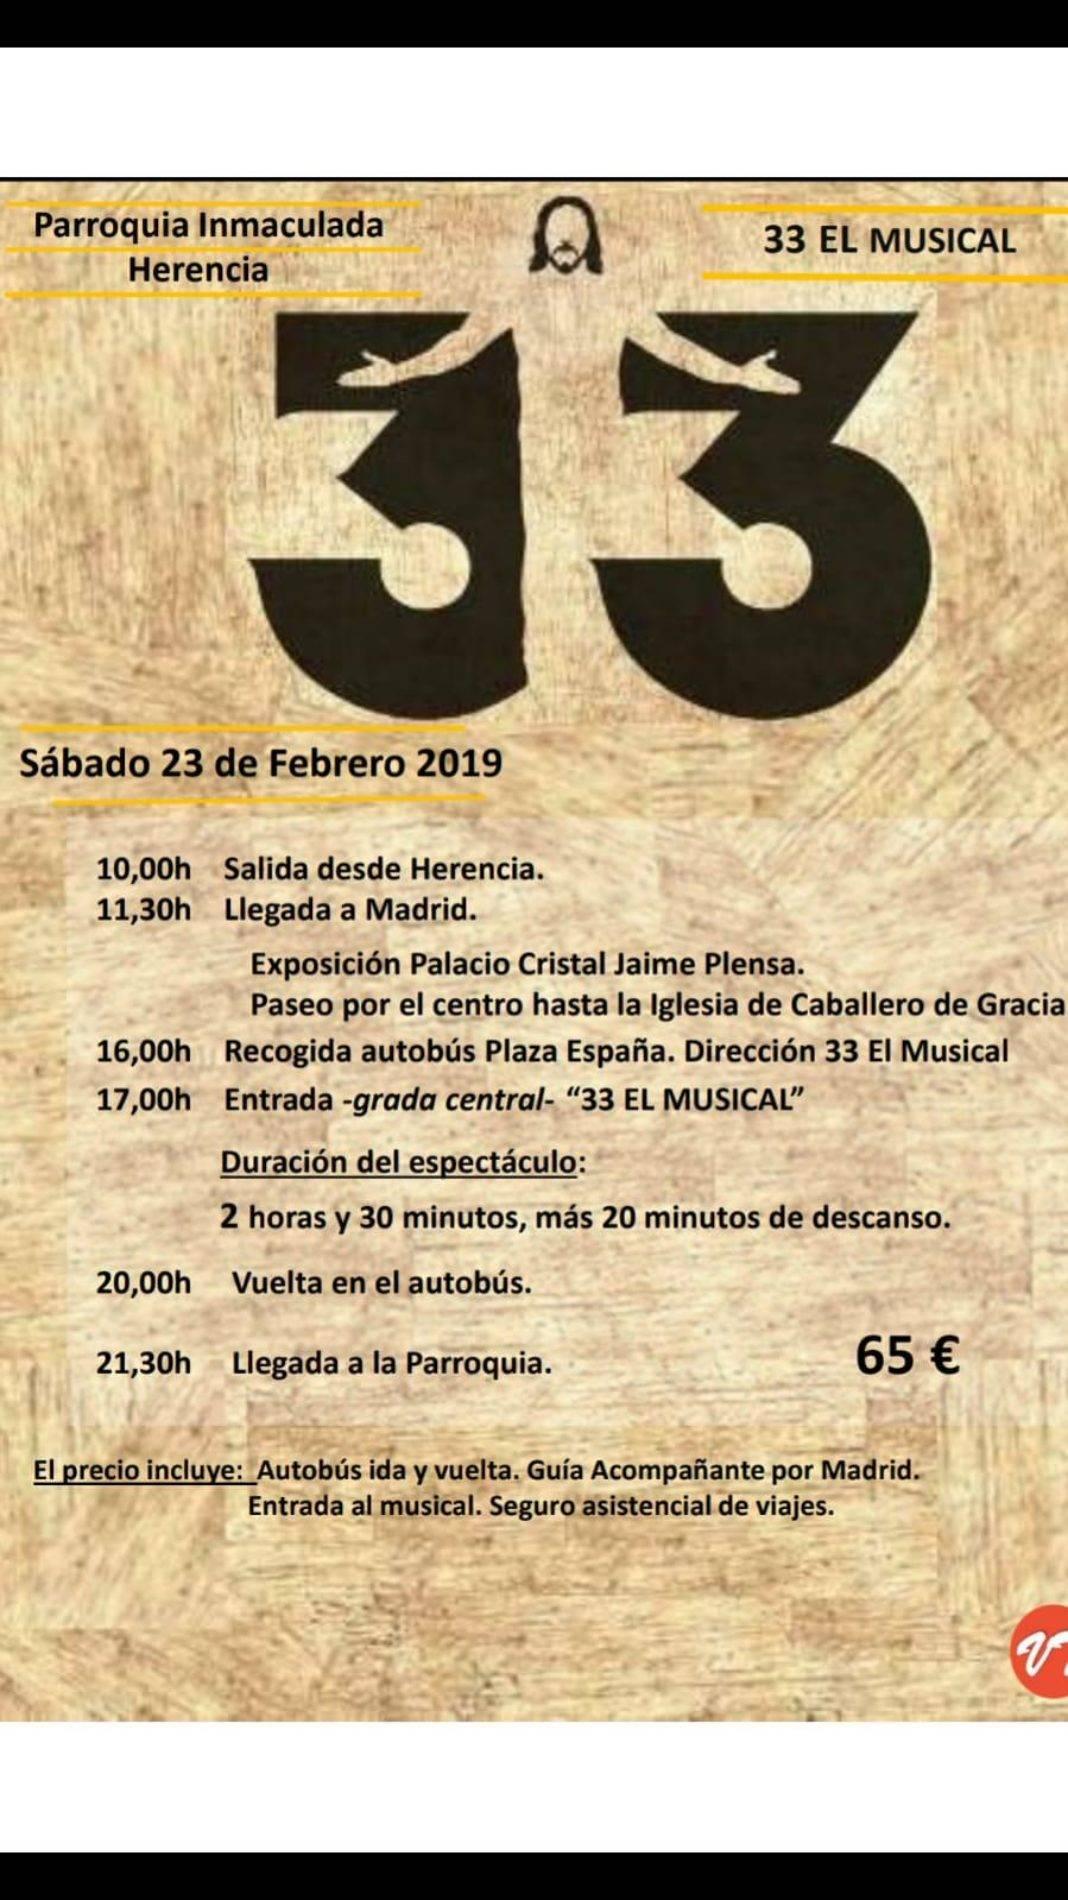 """La parroquia organiza un viaje para asistir a """"33 El Musical"""" 7"""